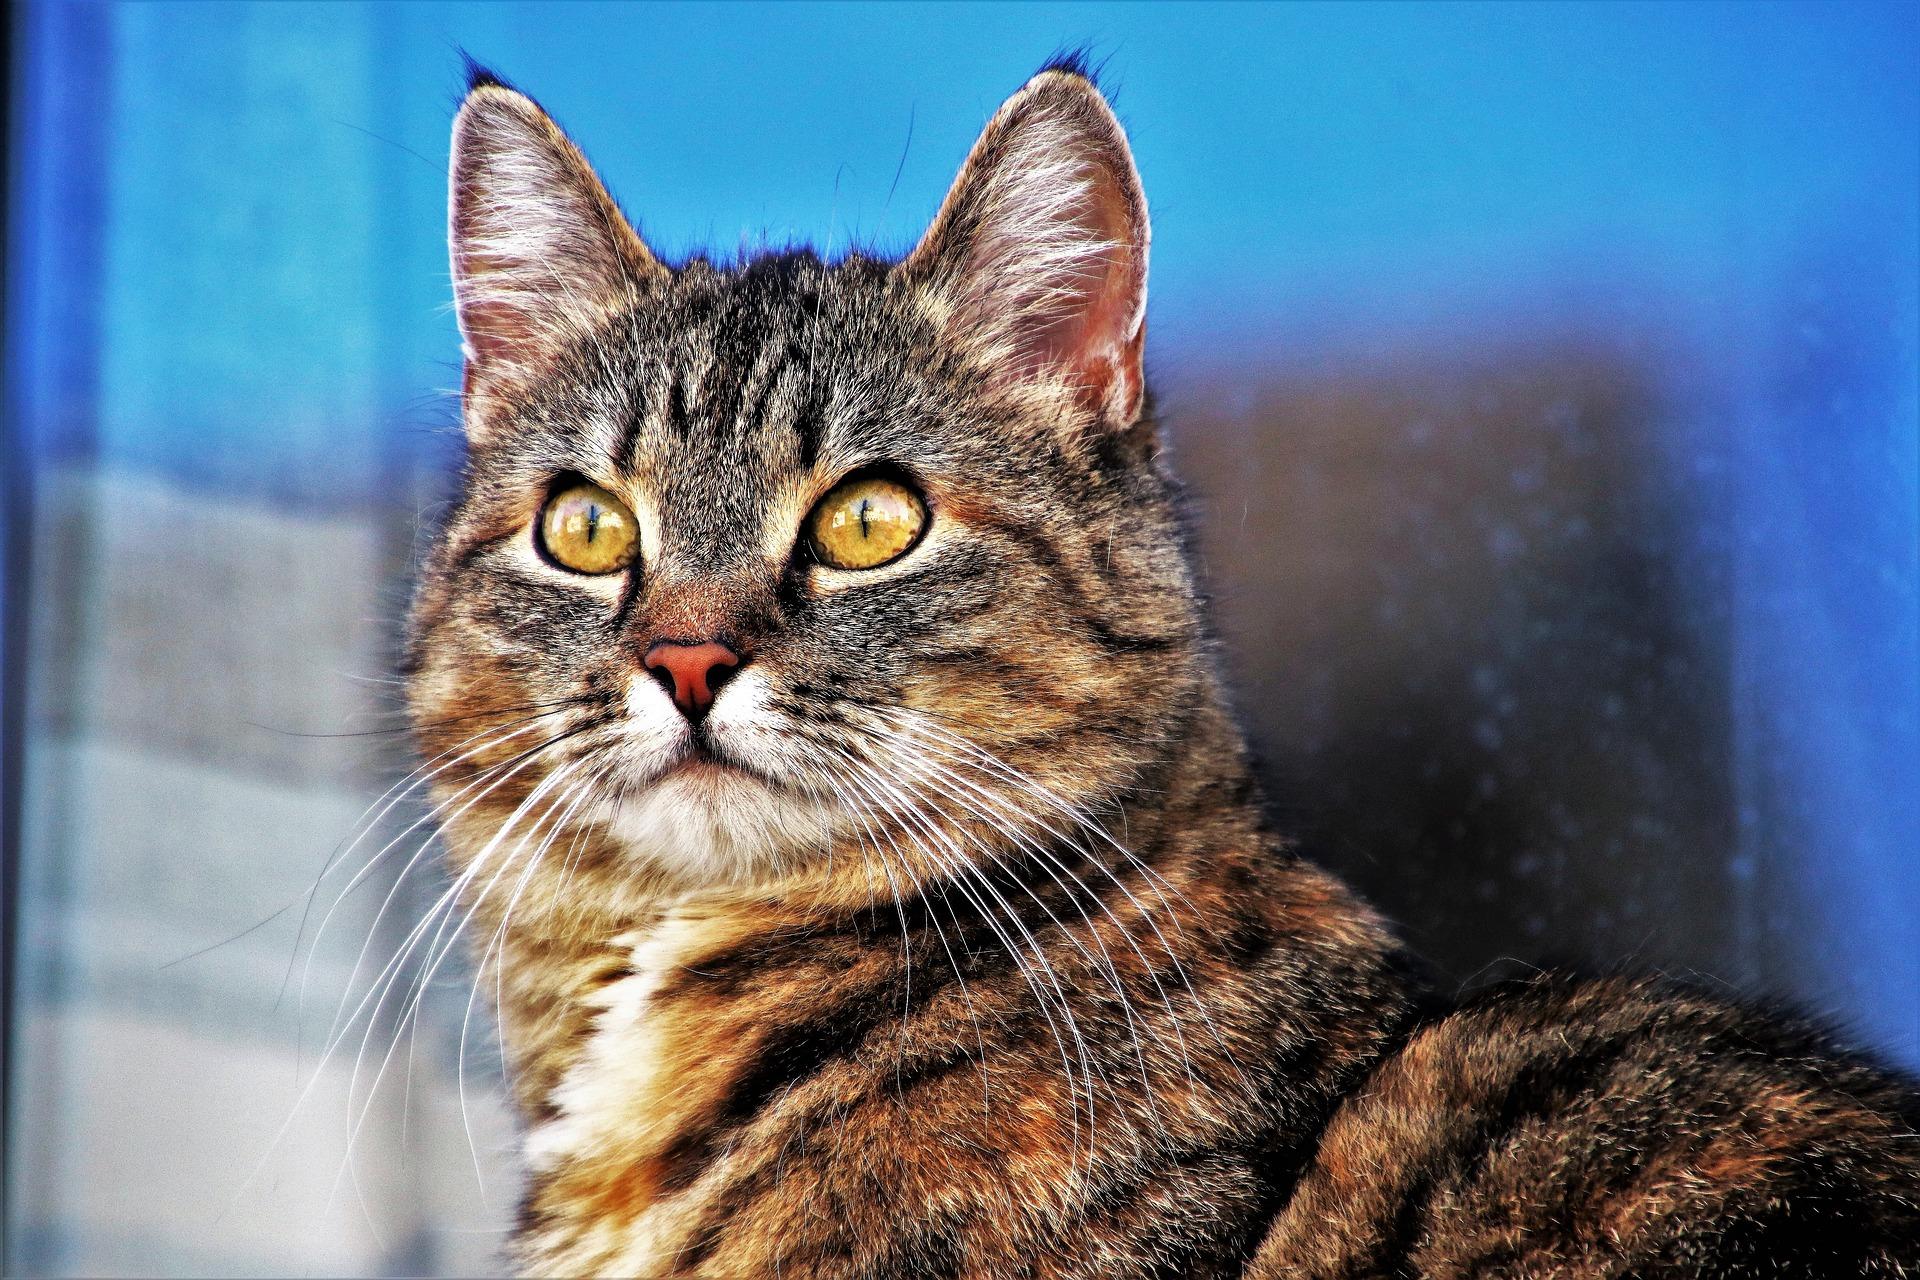 Portrait d'un chat tigré aux yeux jaunes qui pose devant une fenêtre